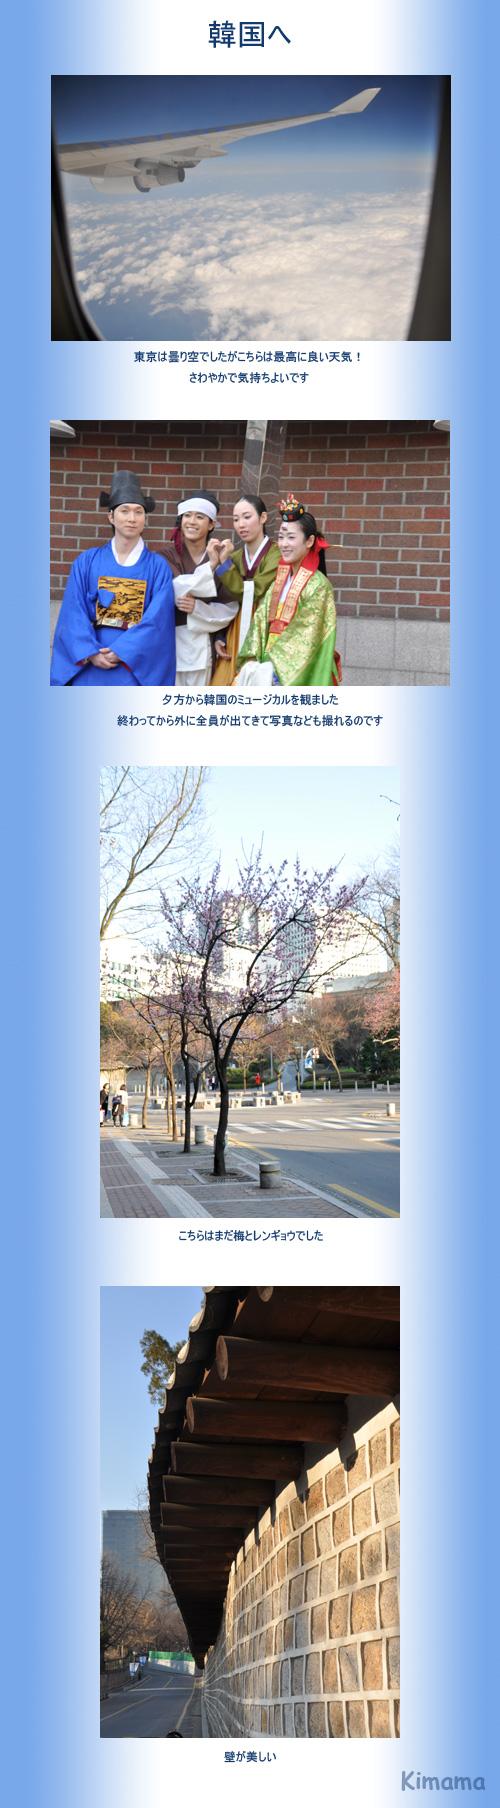 4月7日韓国